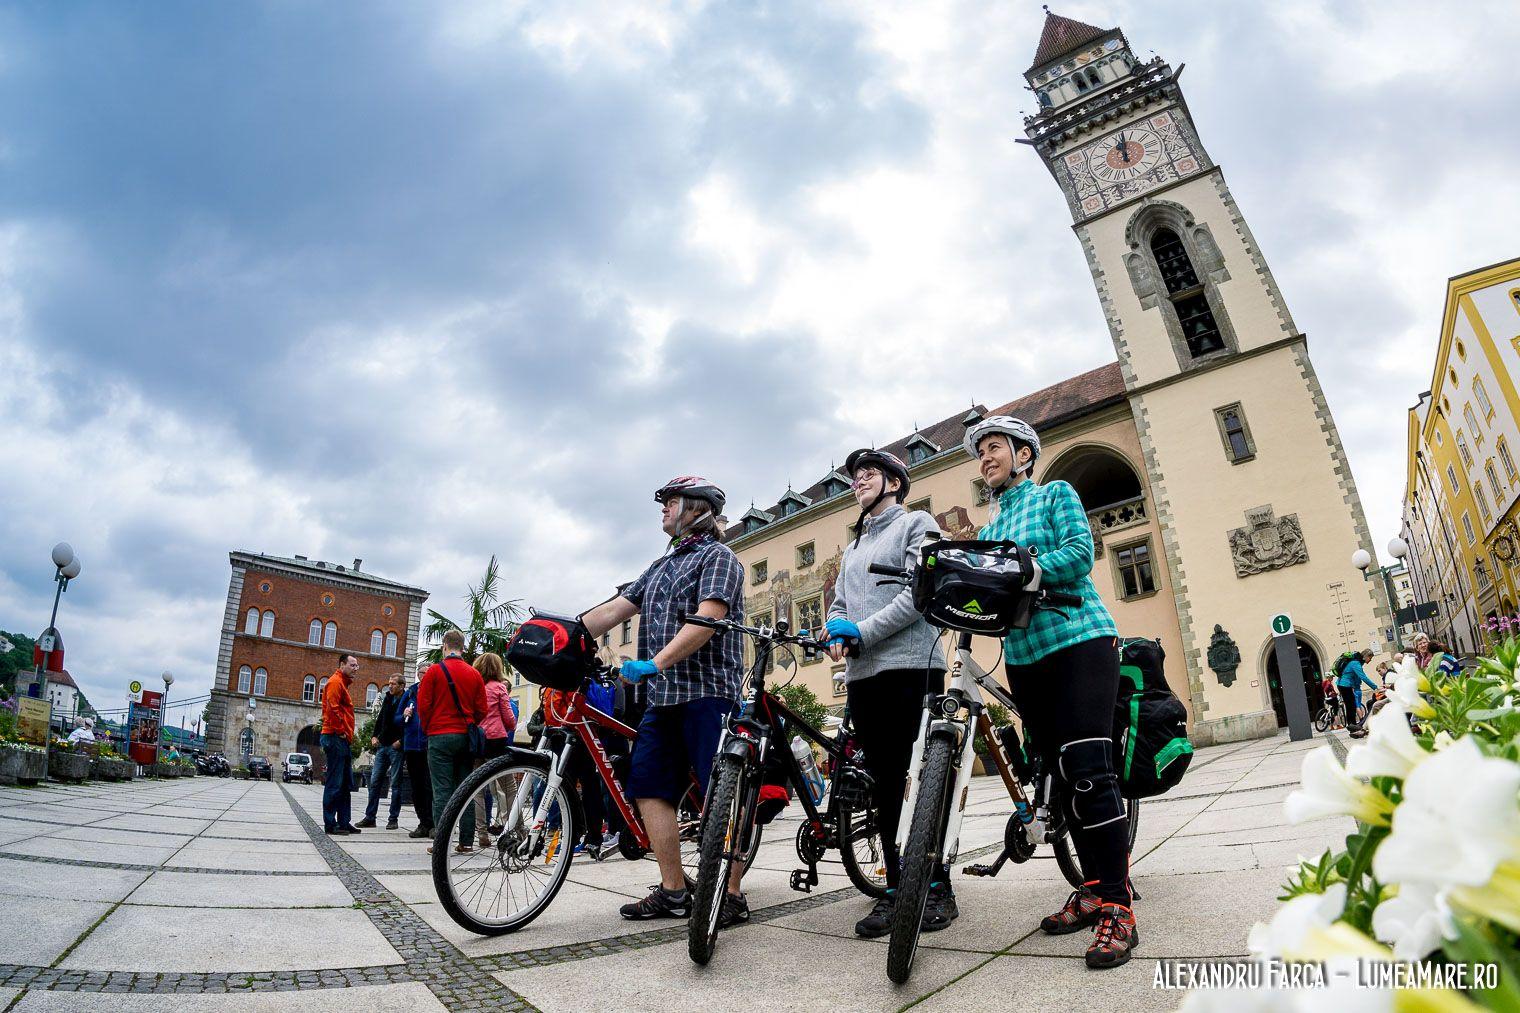 Plecarea din Passau, pe biciclete